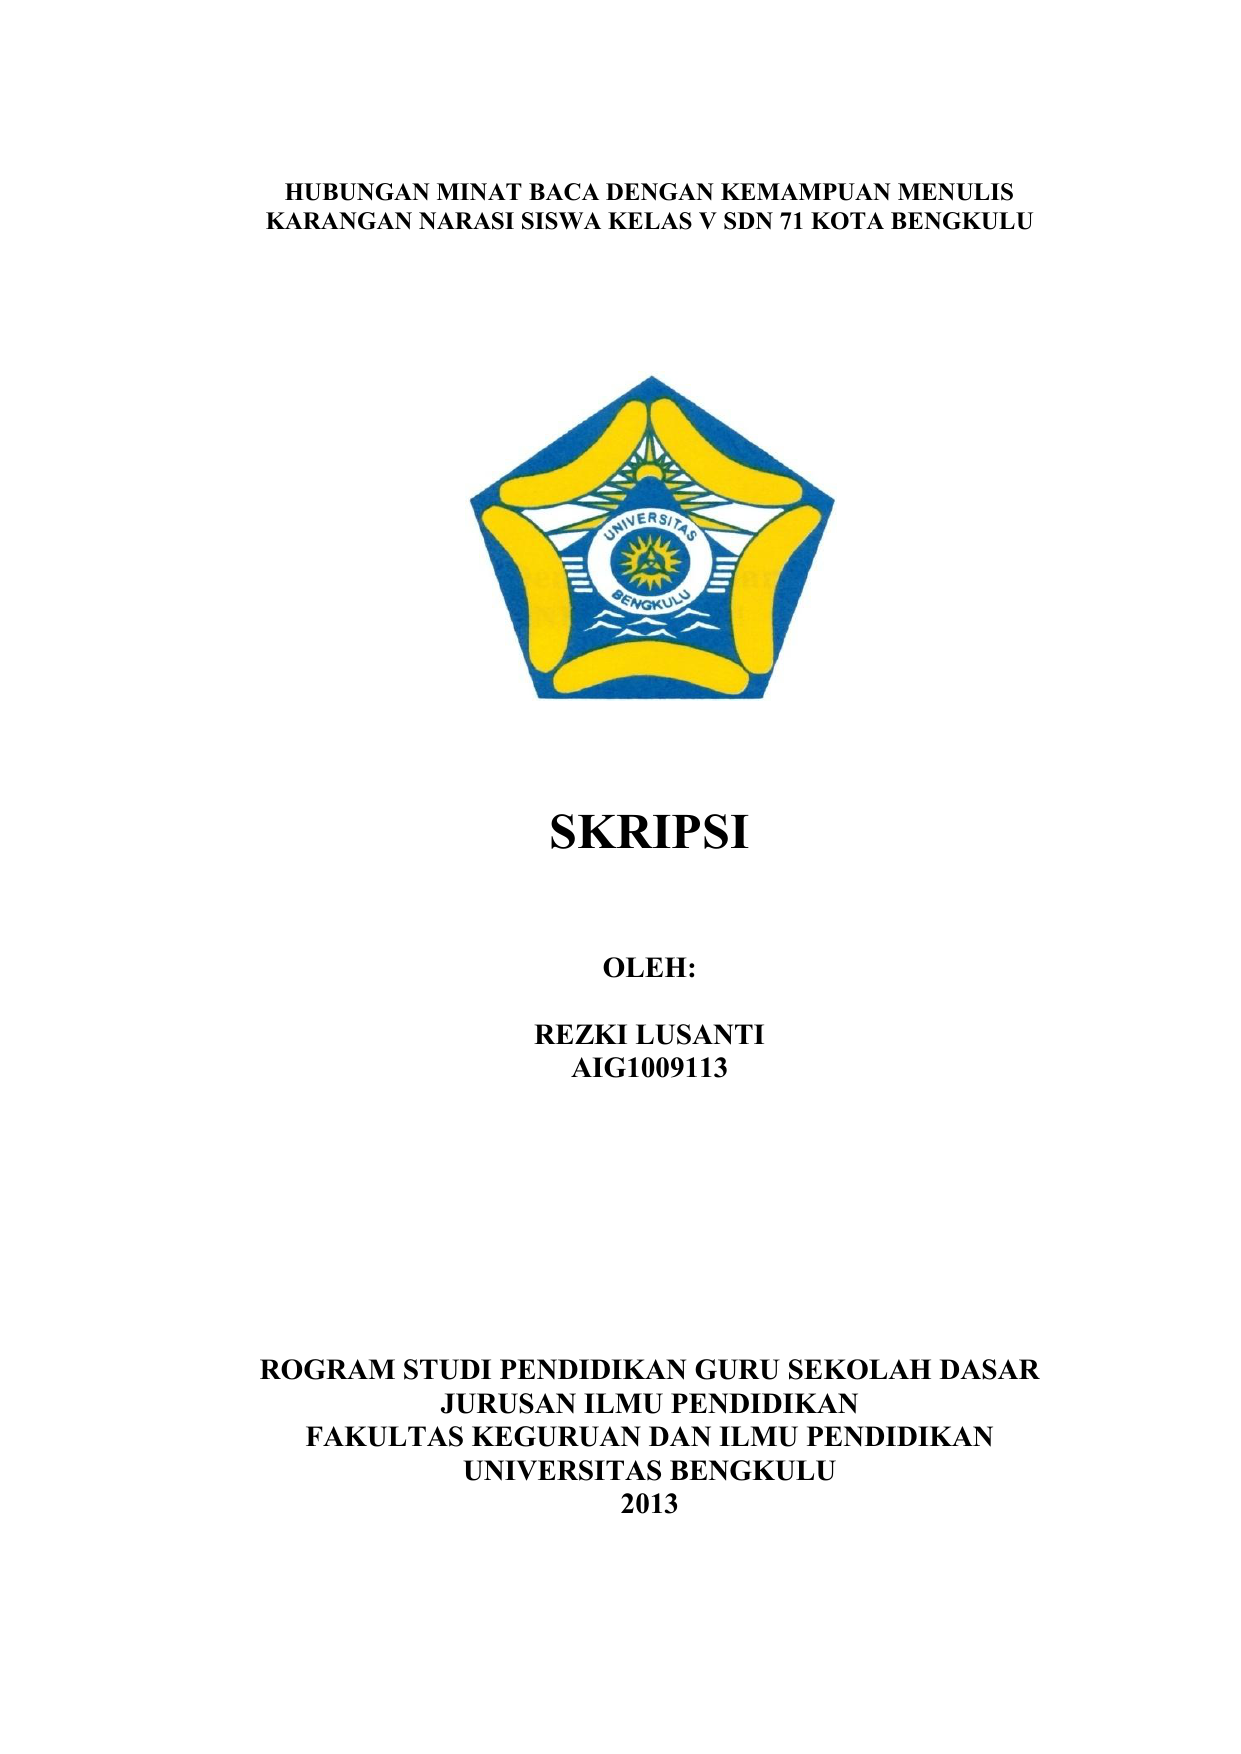 SKRIPSI UNIB Scholar Repository